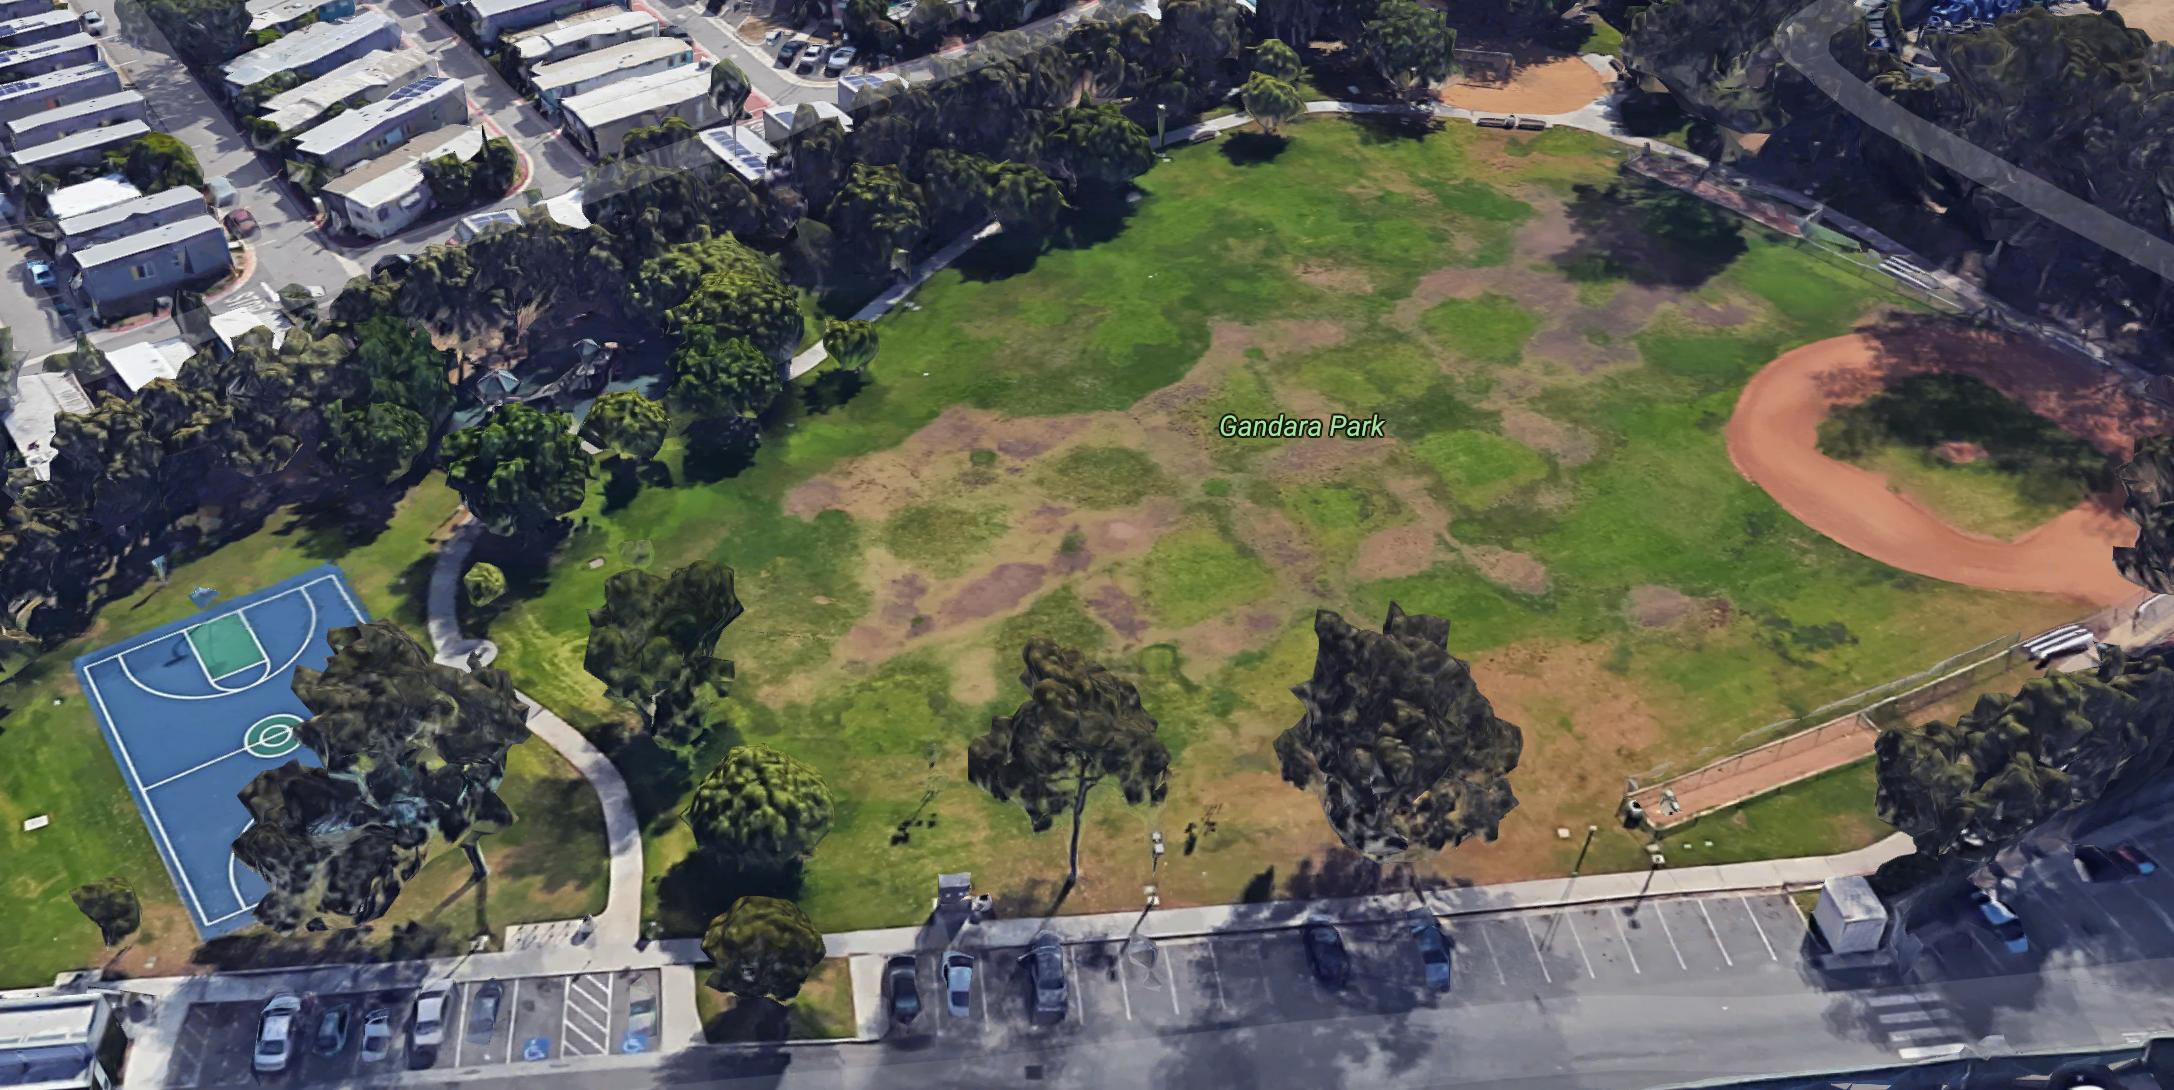 Gandara Park, Santa Monica birds eye view